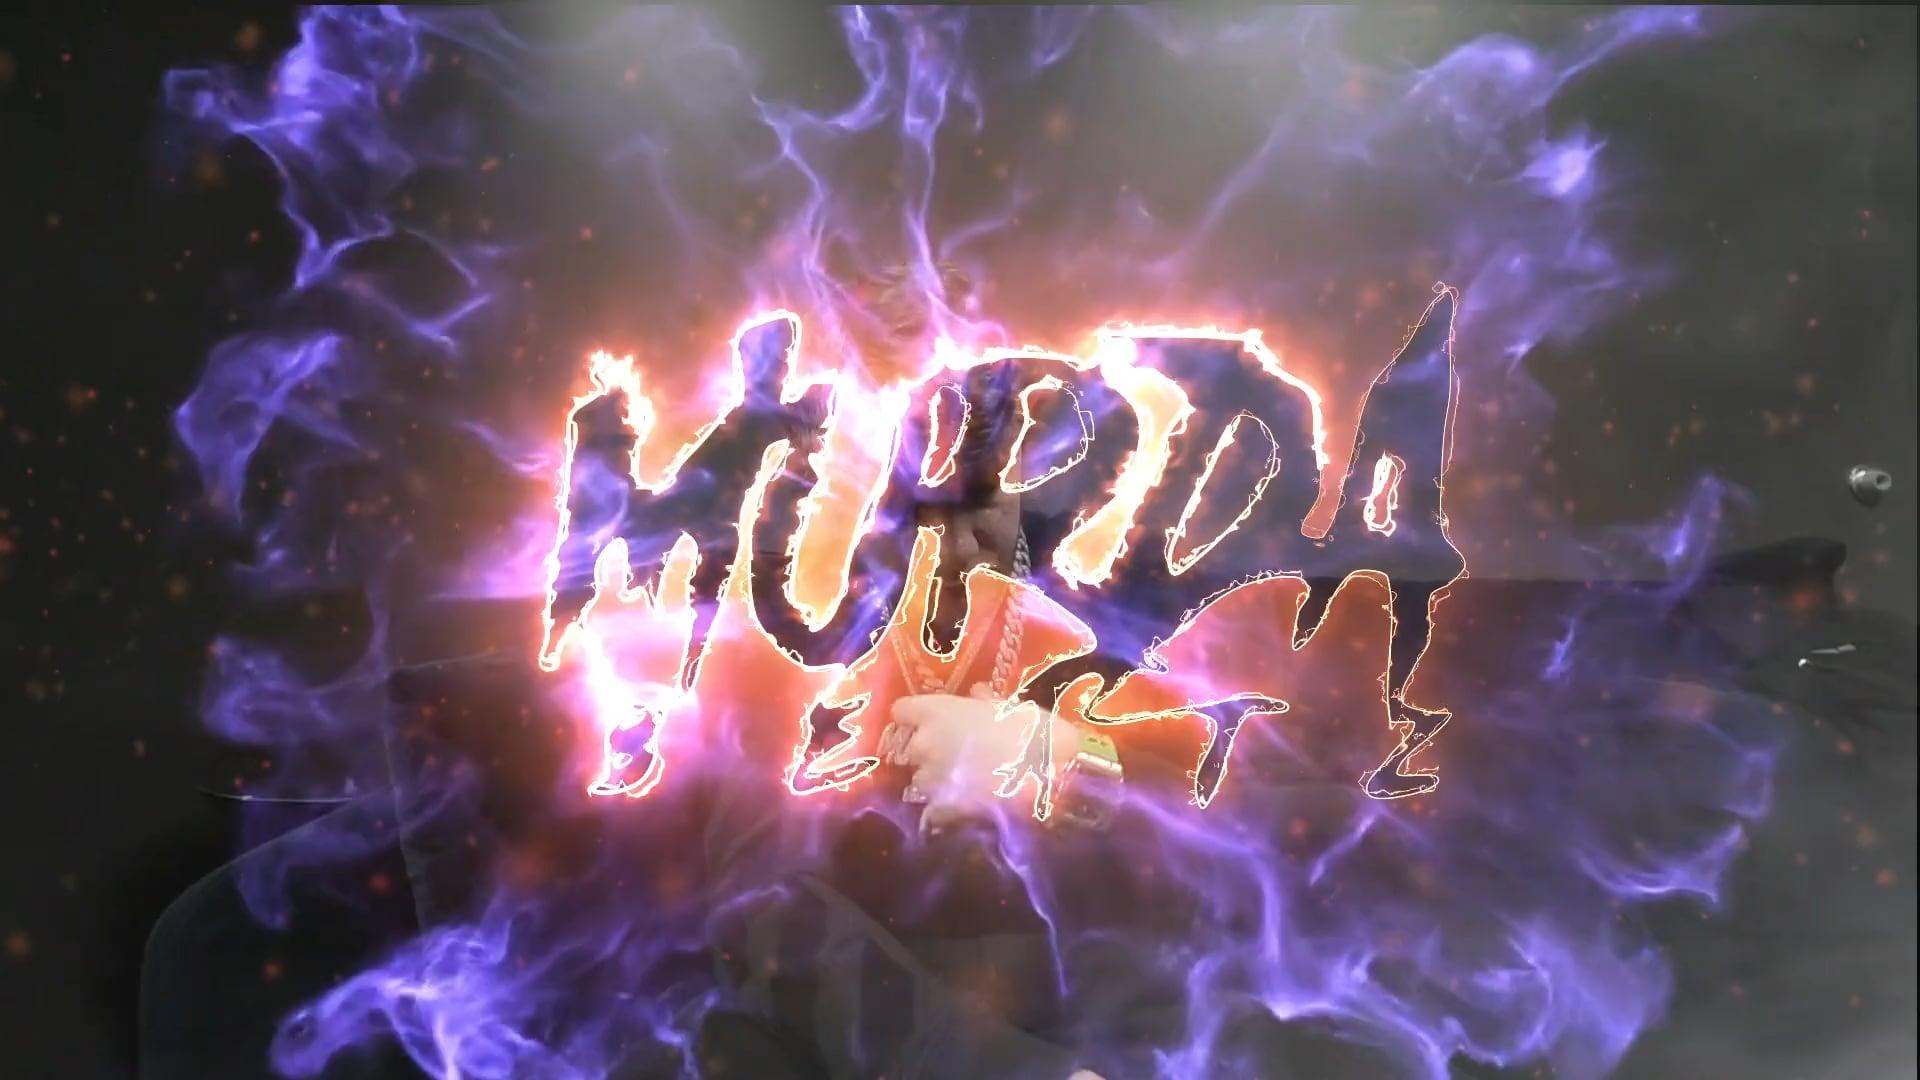 Murda Beatz & ASAP Ferg at  Mission Ballroom